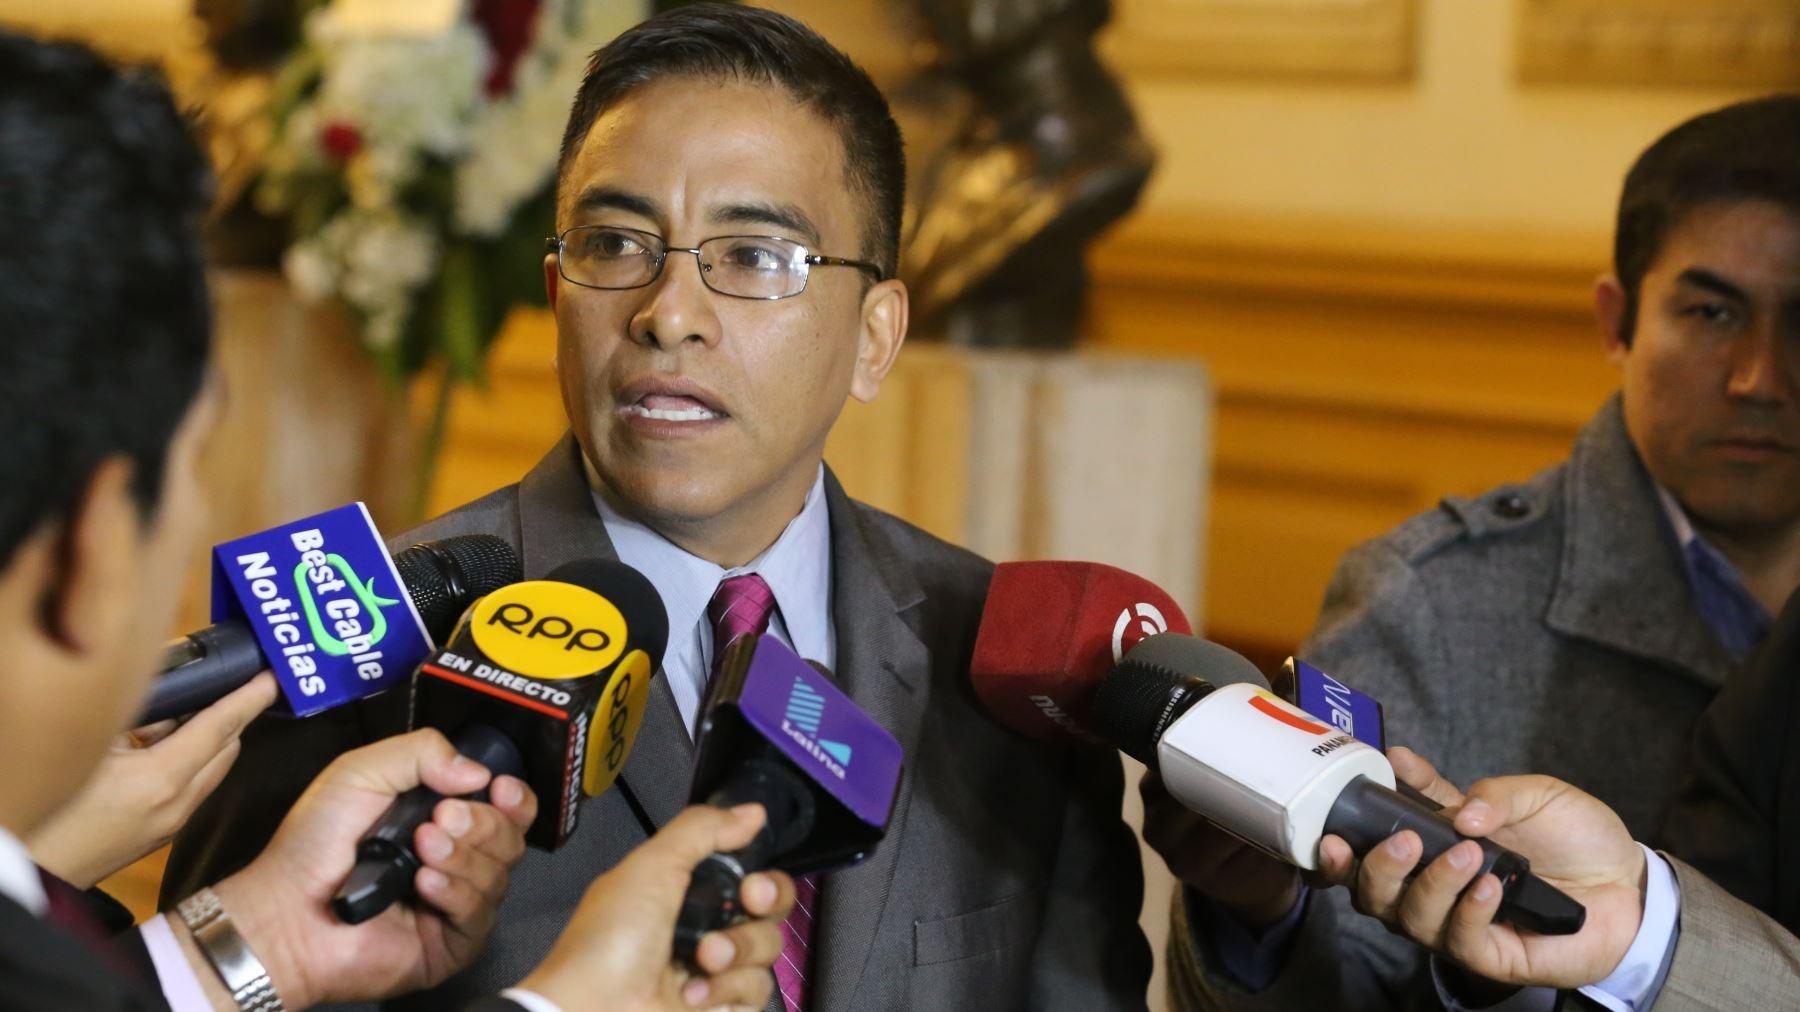 El congresista señaló que si bien votará a favor de la vacancia, escuchará al presidente y a su defensa el próximo jueves 22.